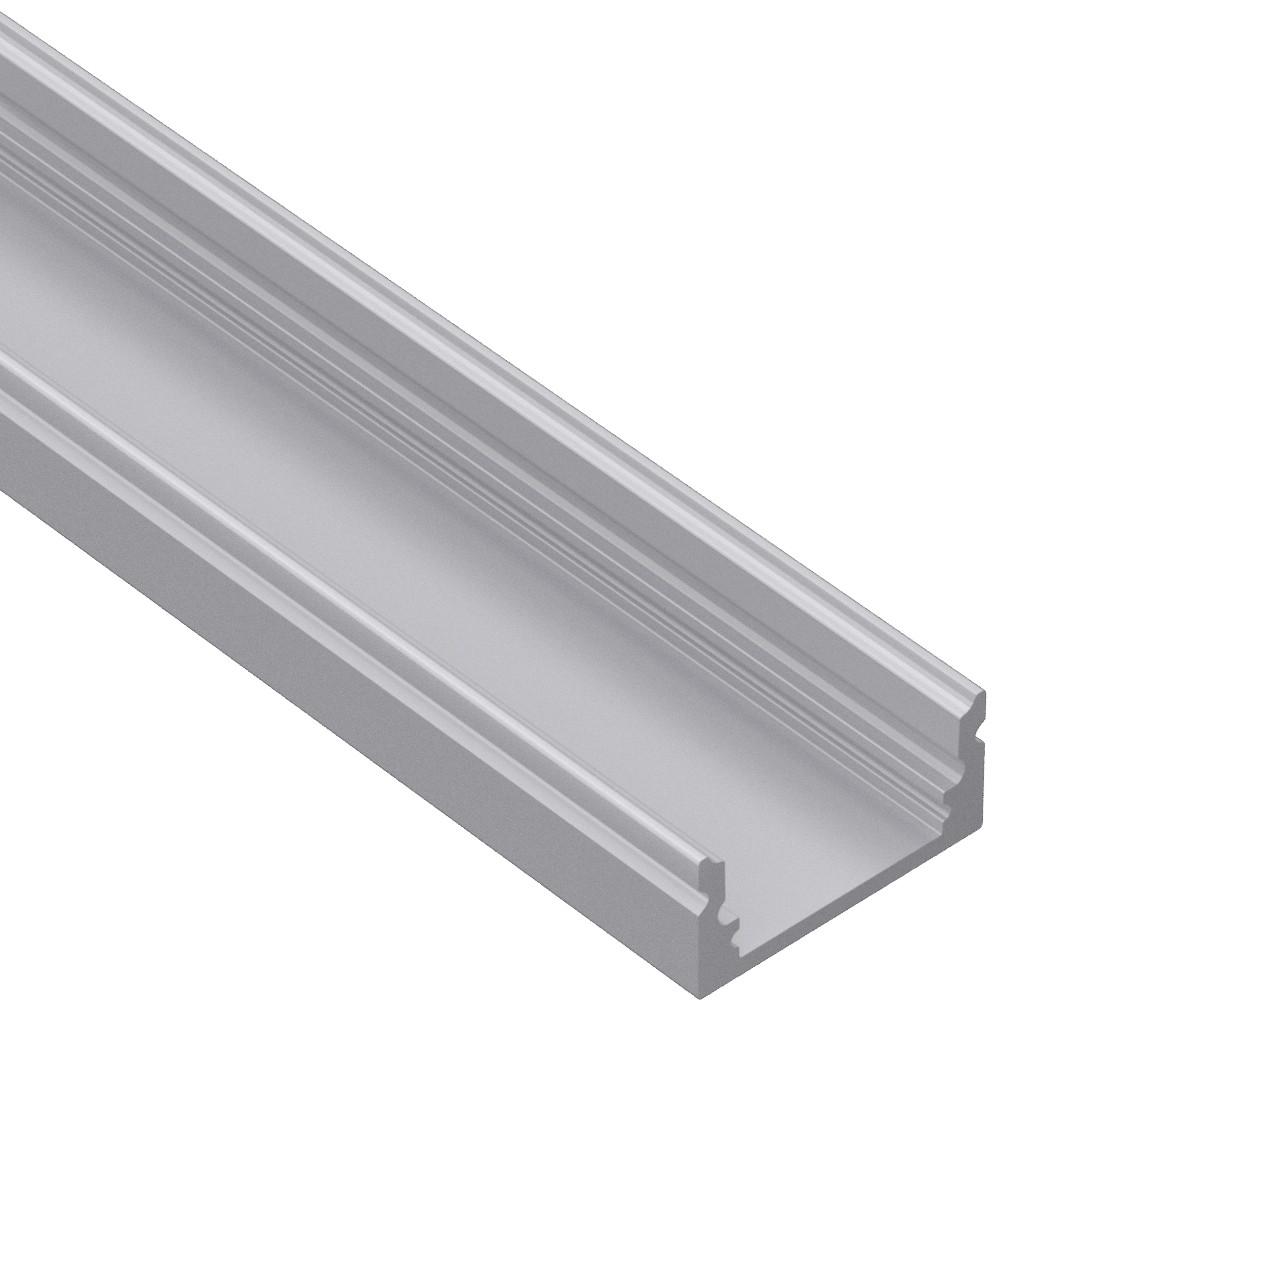 AL60 Surface Mount Led Aluminum Profile